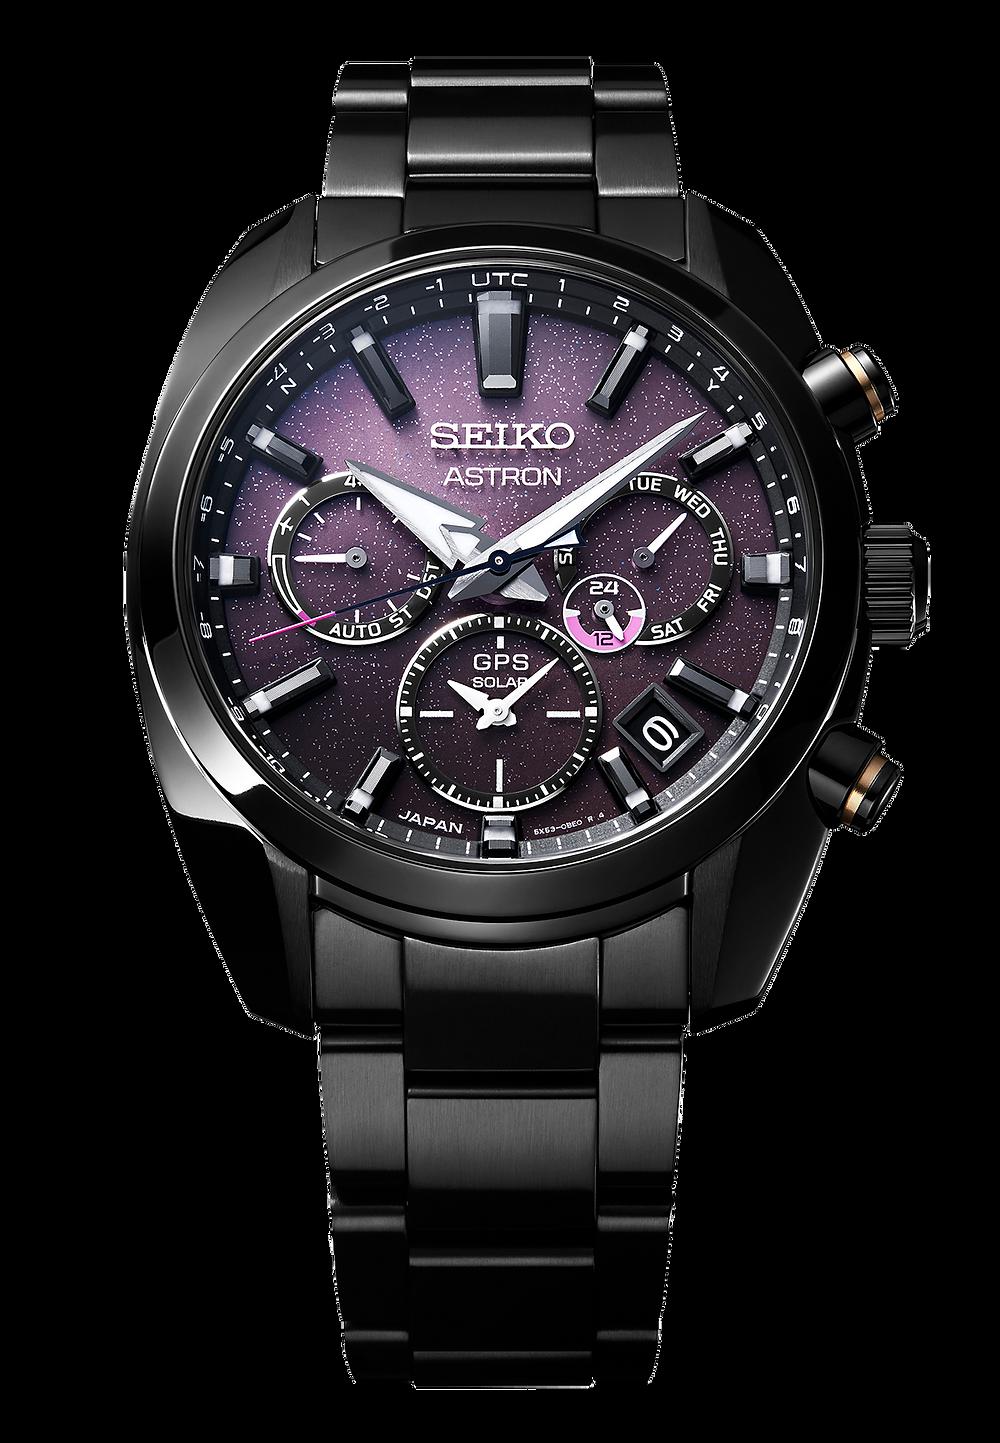 Reloj Astron SSH083J1 'YOZAKURA' edicion limitada 2021 con motivo 140 aniversario Seiko